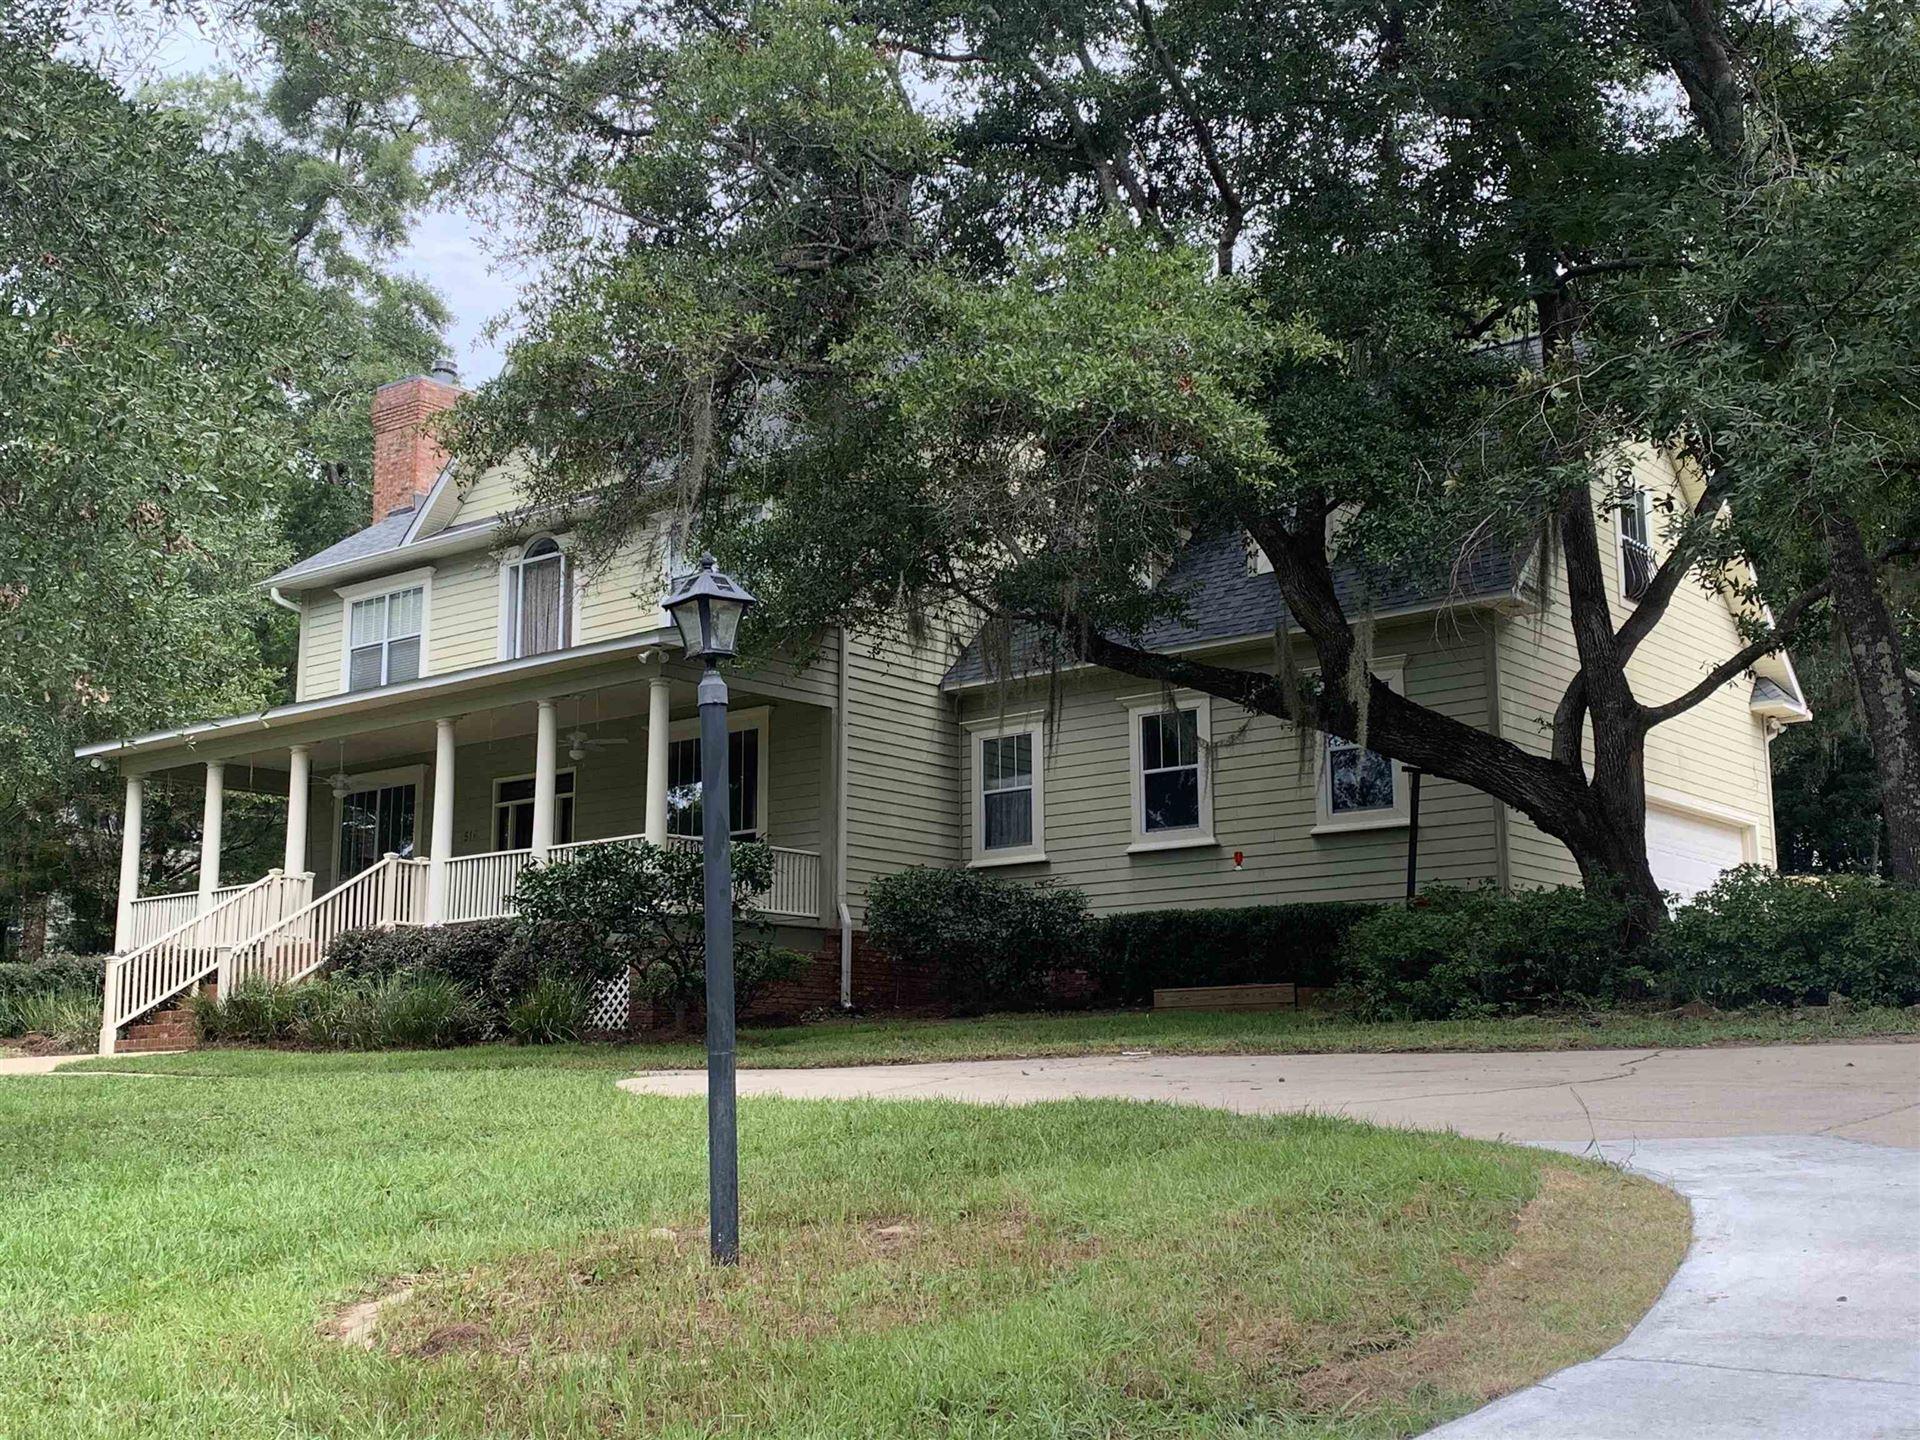 516 Moss View, Tallahassee, FL 32312 - MLS#: 337387